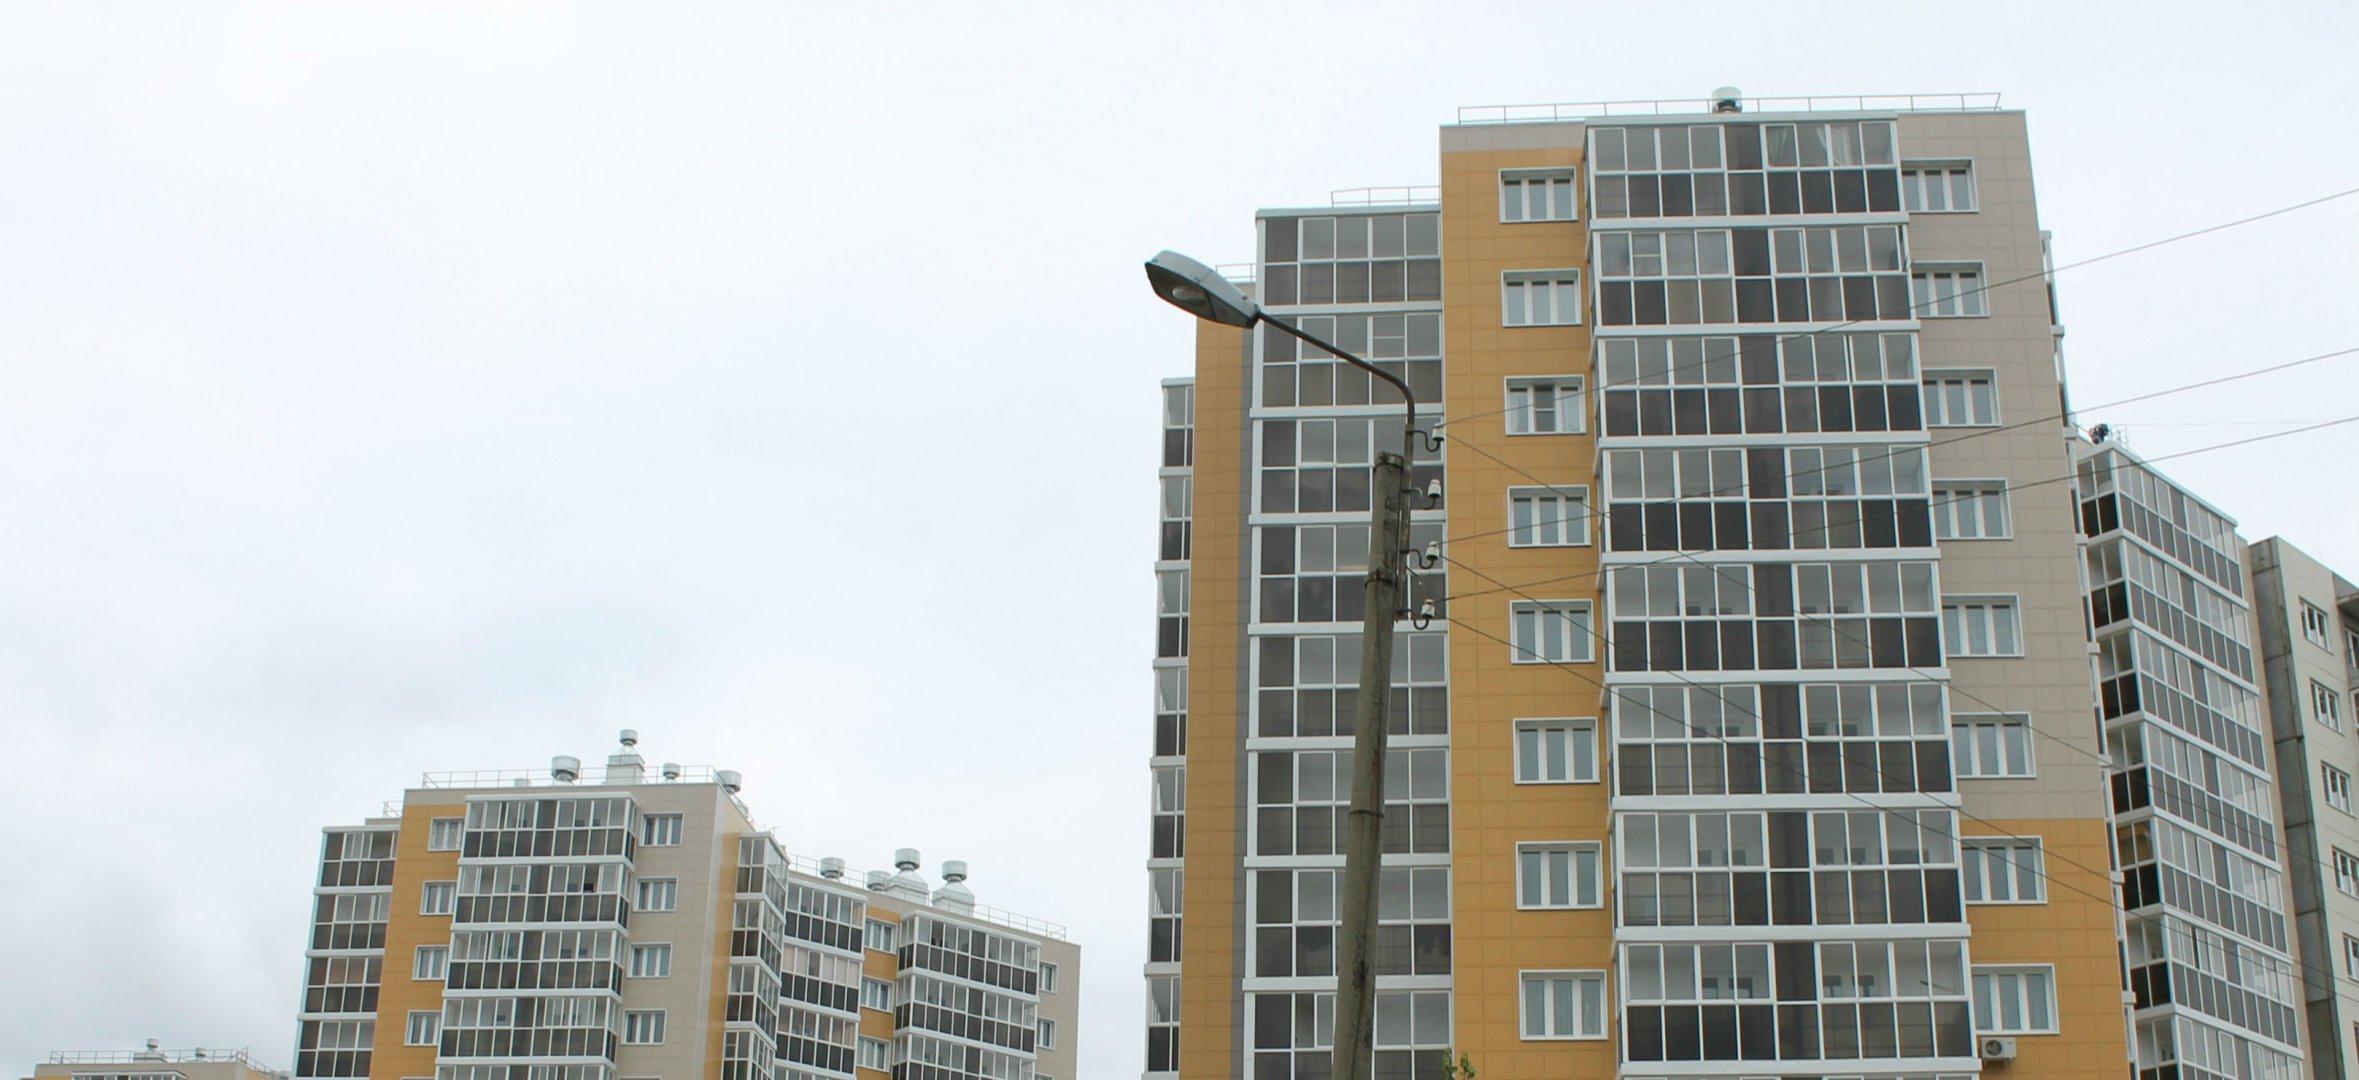 Трагедия в Кирове: с 12 этажа упал 15-летний подросток